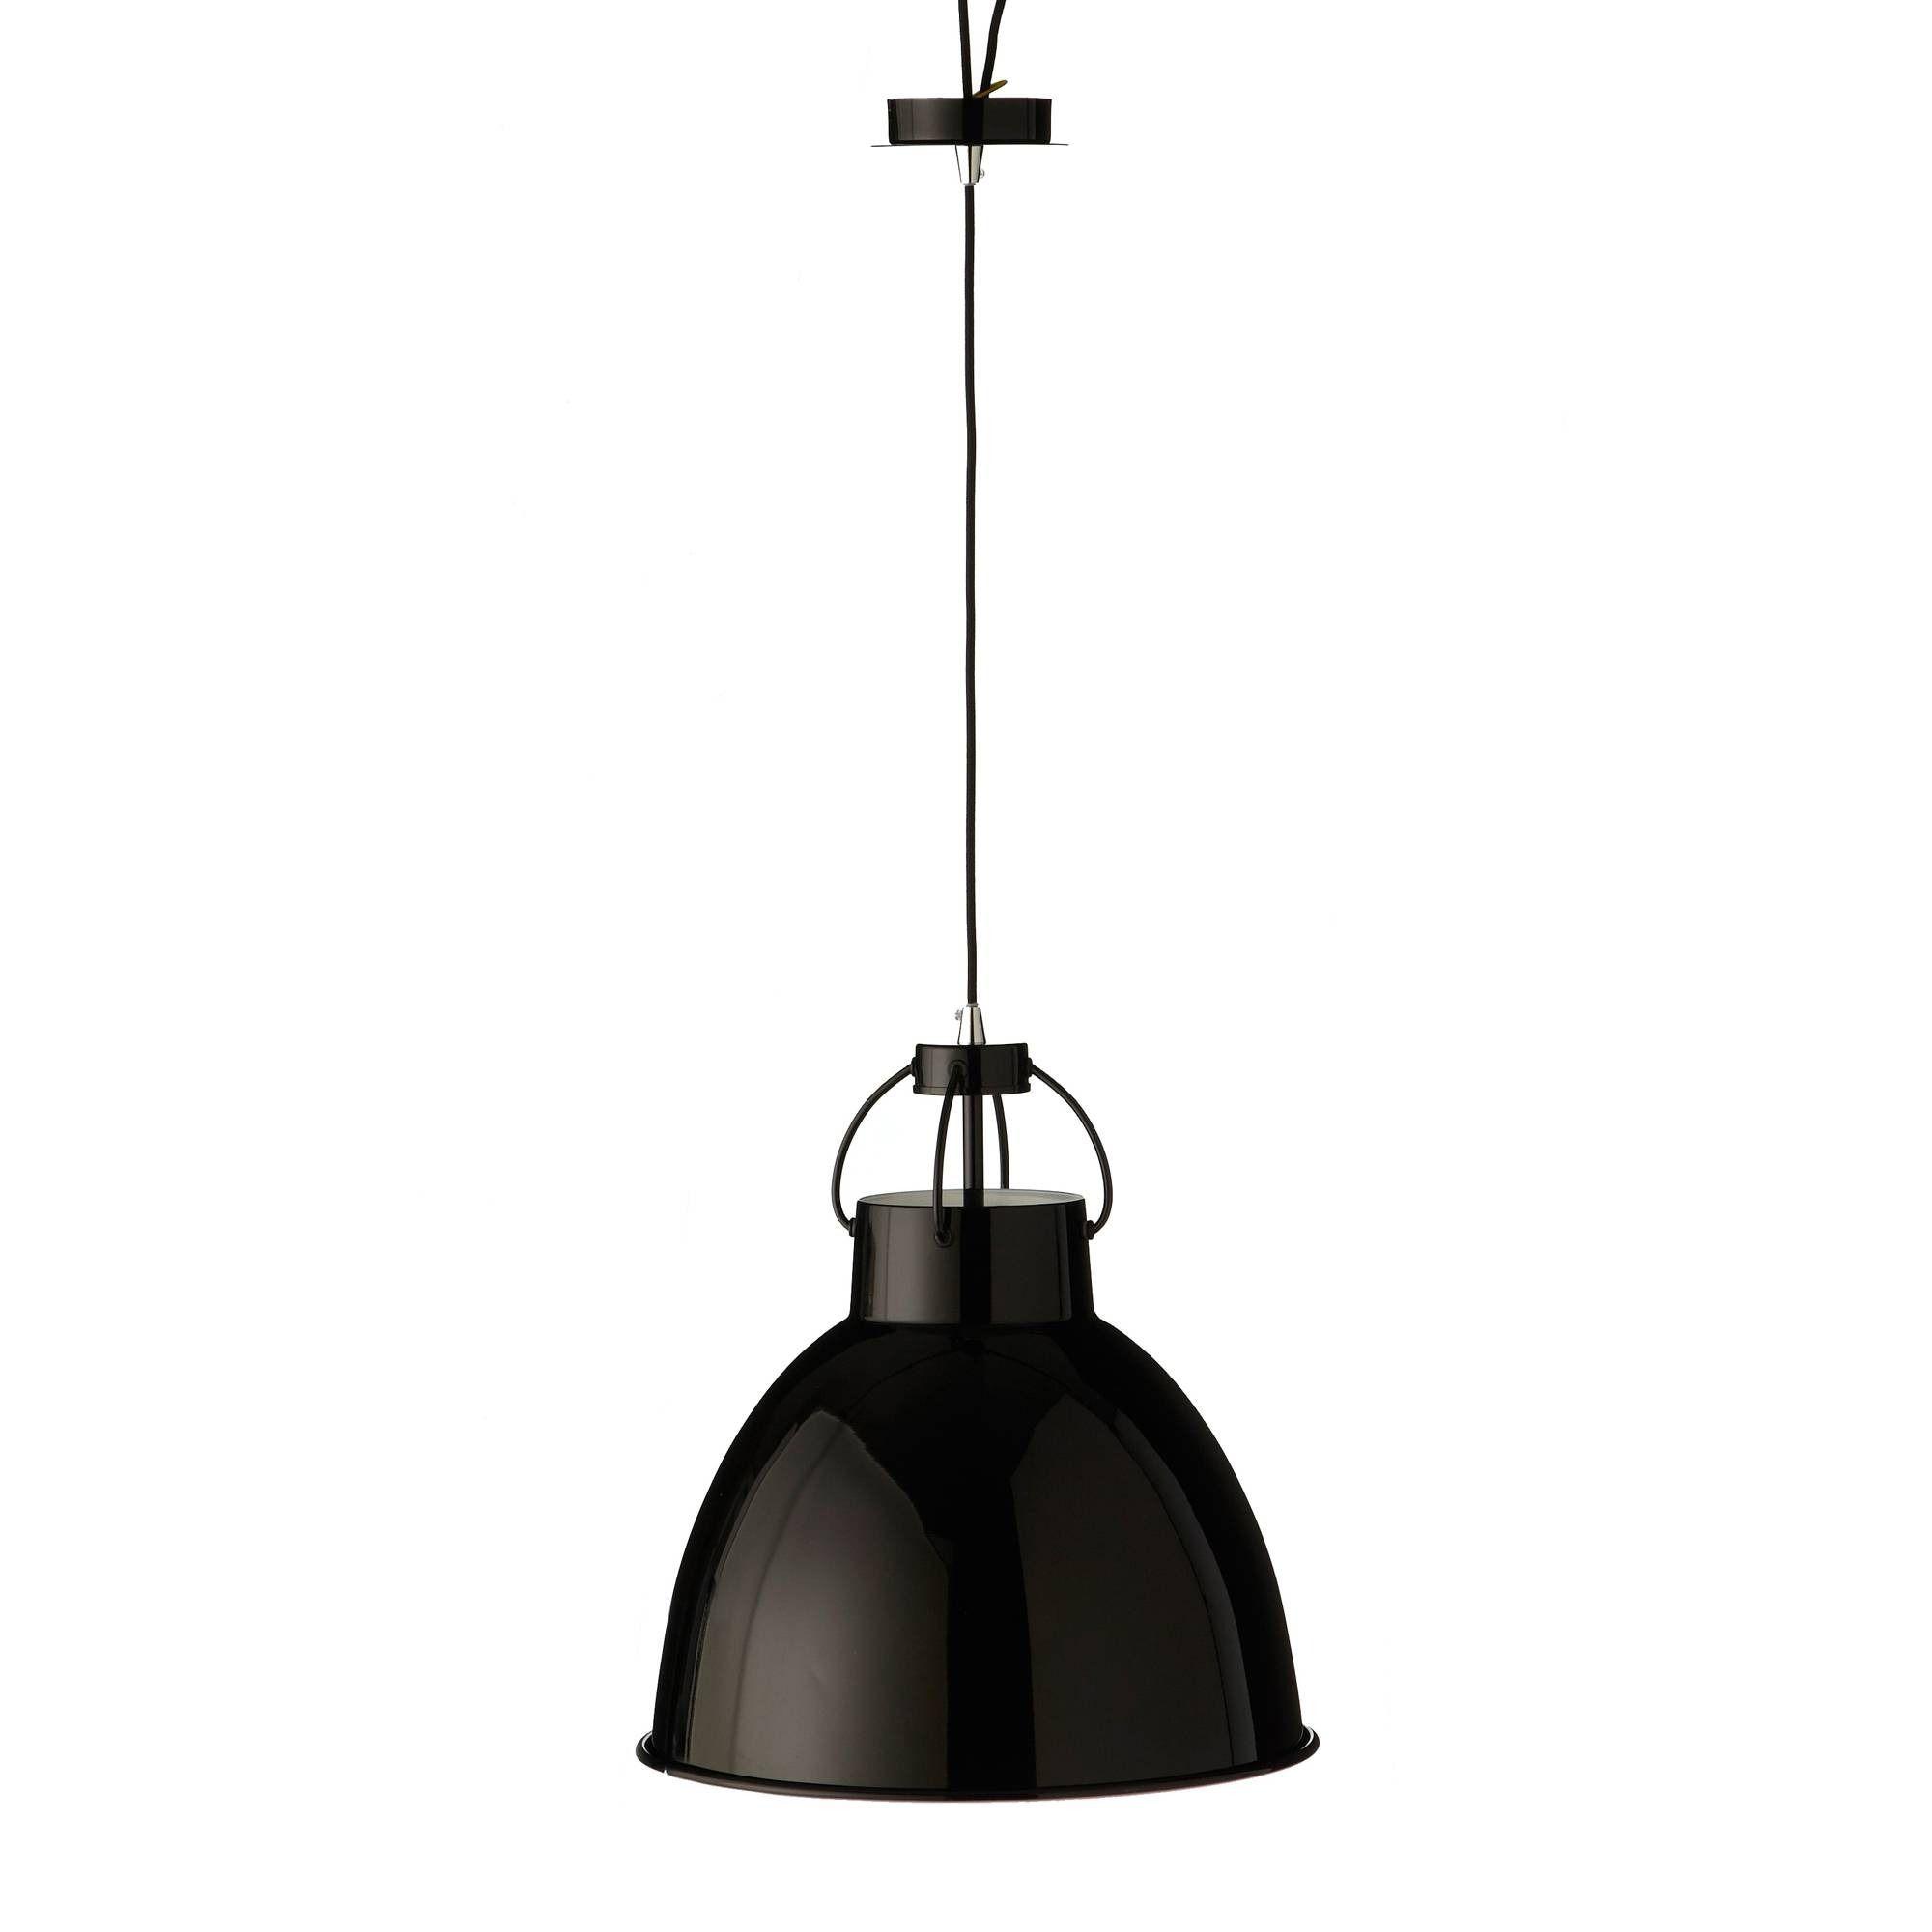 422acd1249cc2d312750295fd898fa2c Résultat Supérieur 15 Superbe Lampe Suspension Metal Photos 2017 Iqt4